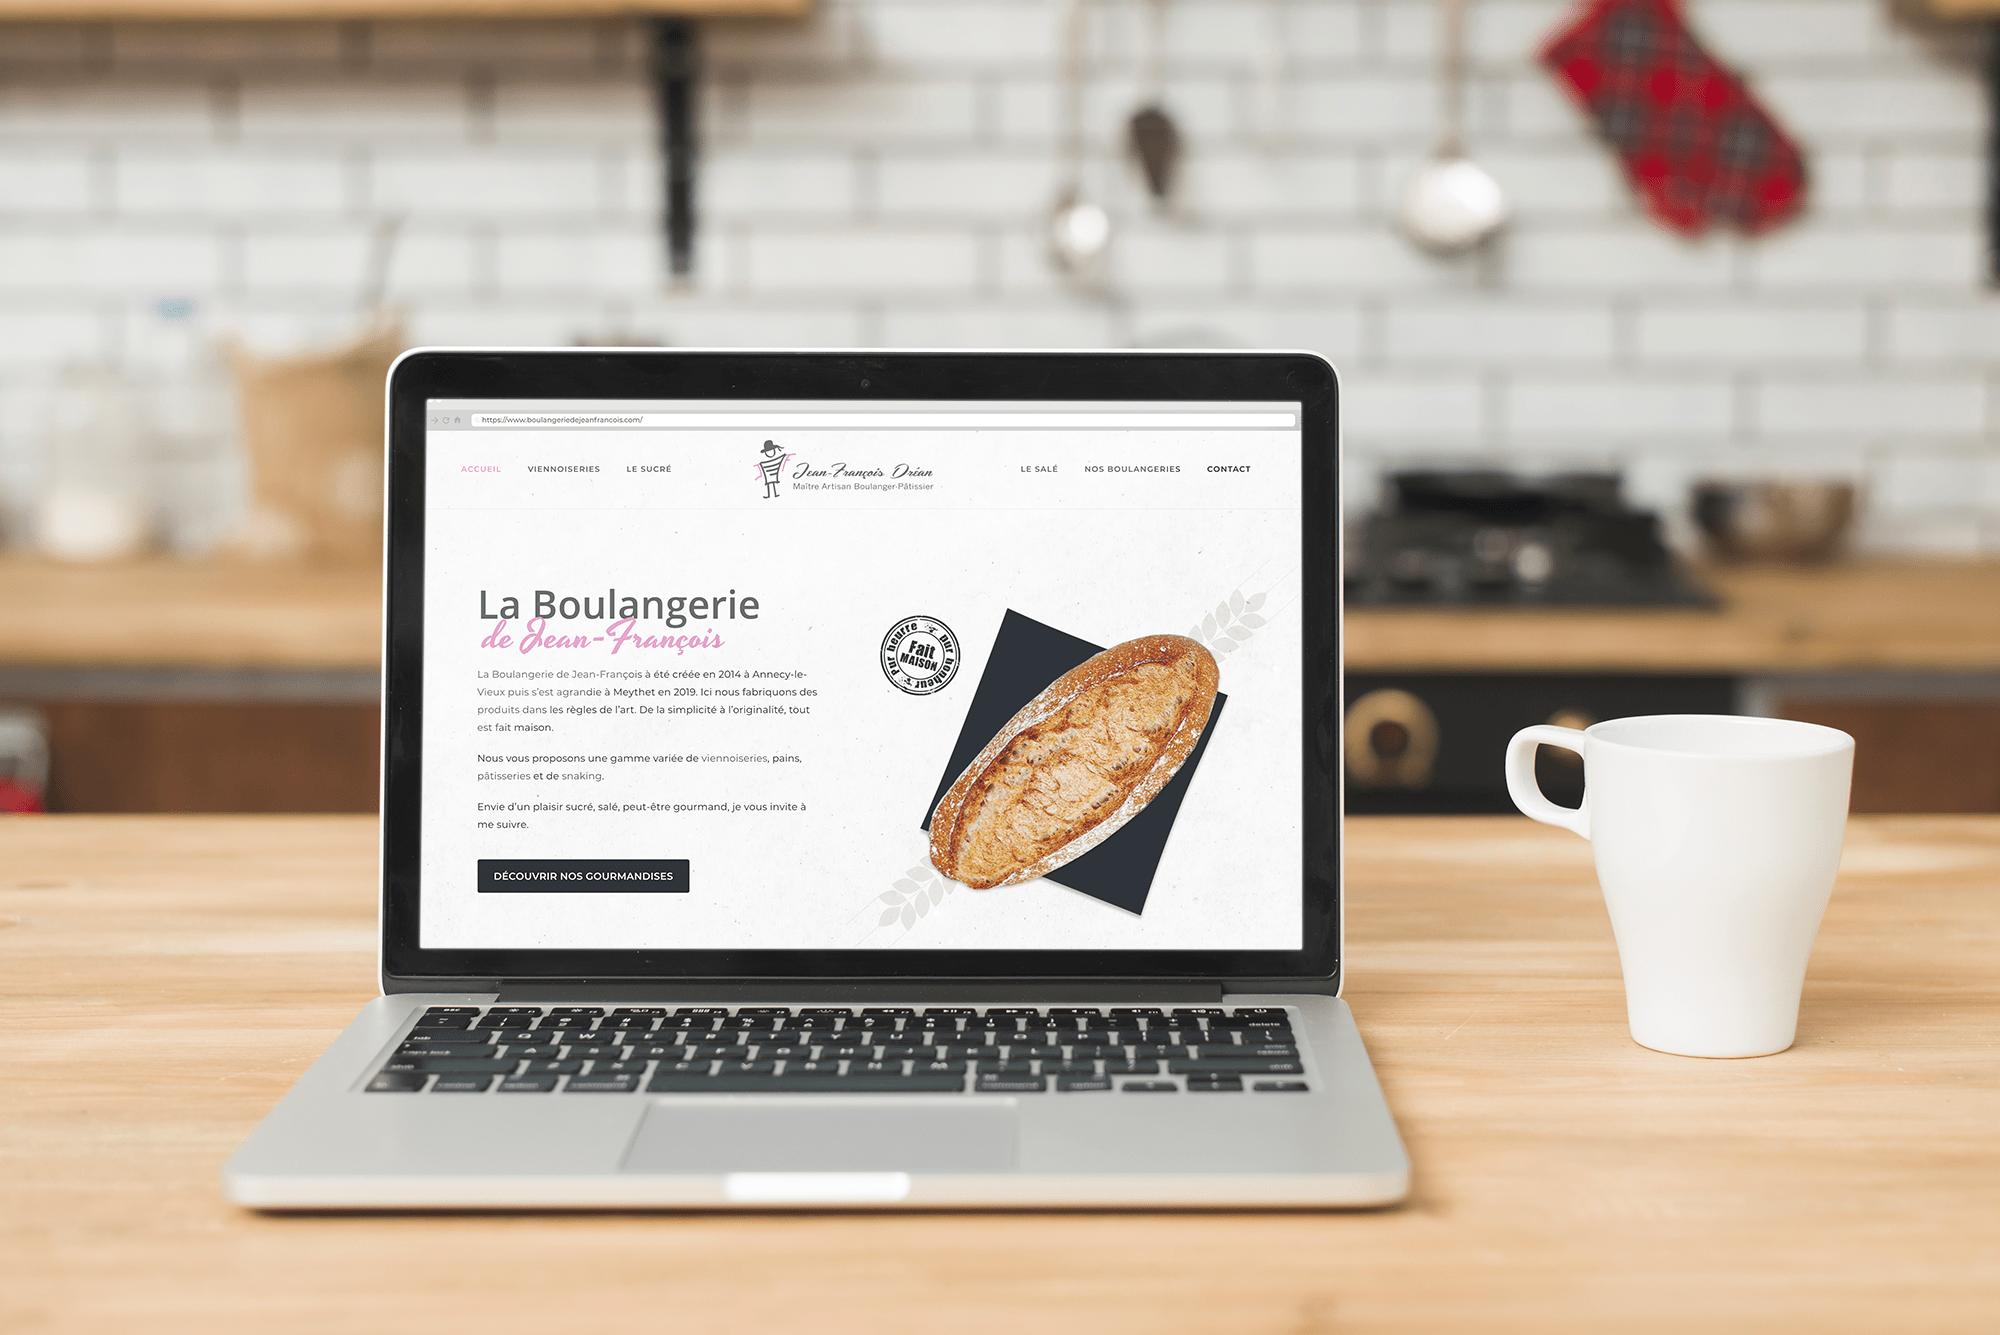 Site internet de La Boulangerie de Jean-François Conception du site internet de Jean-François Dréan, Boulanger Pâtissier à Annecy. CMS WordPress, webdesign sur-mesure.